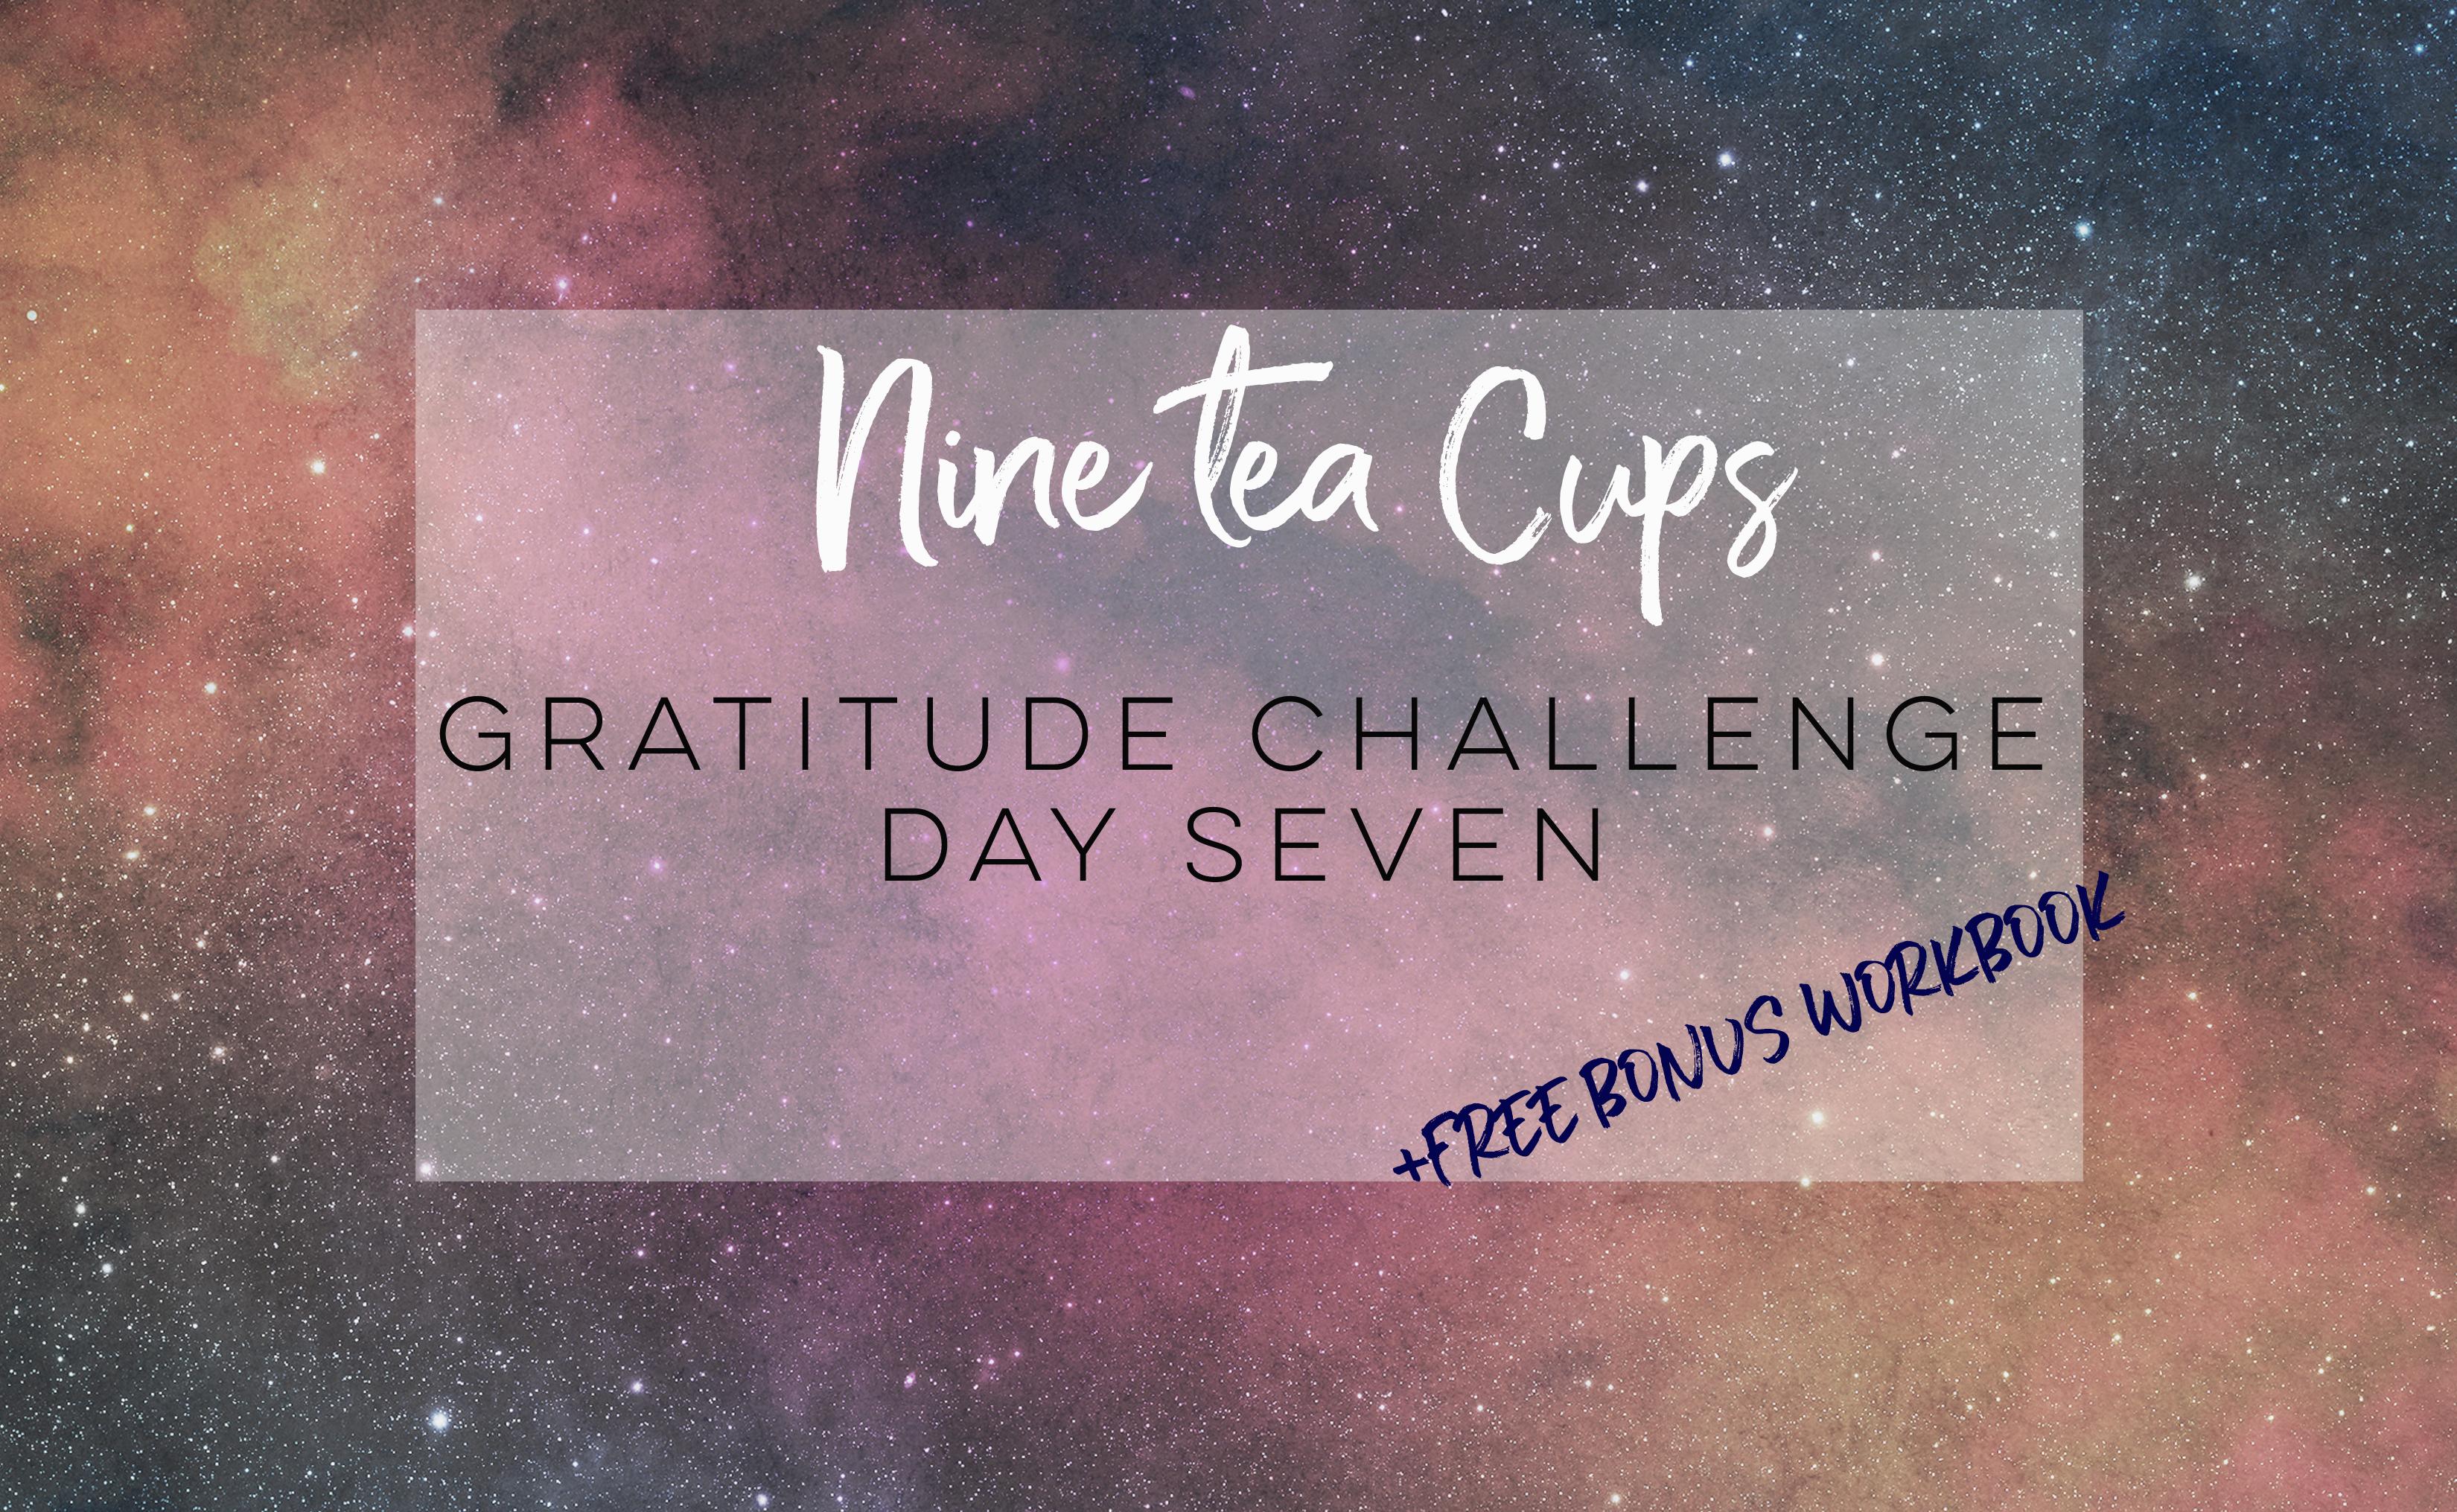 nine tea cups gratitude challenge day 7 emotional numbing